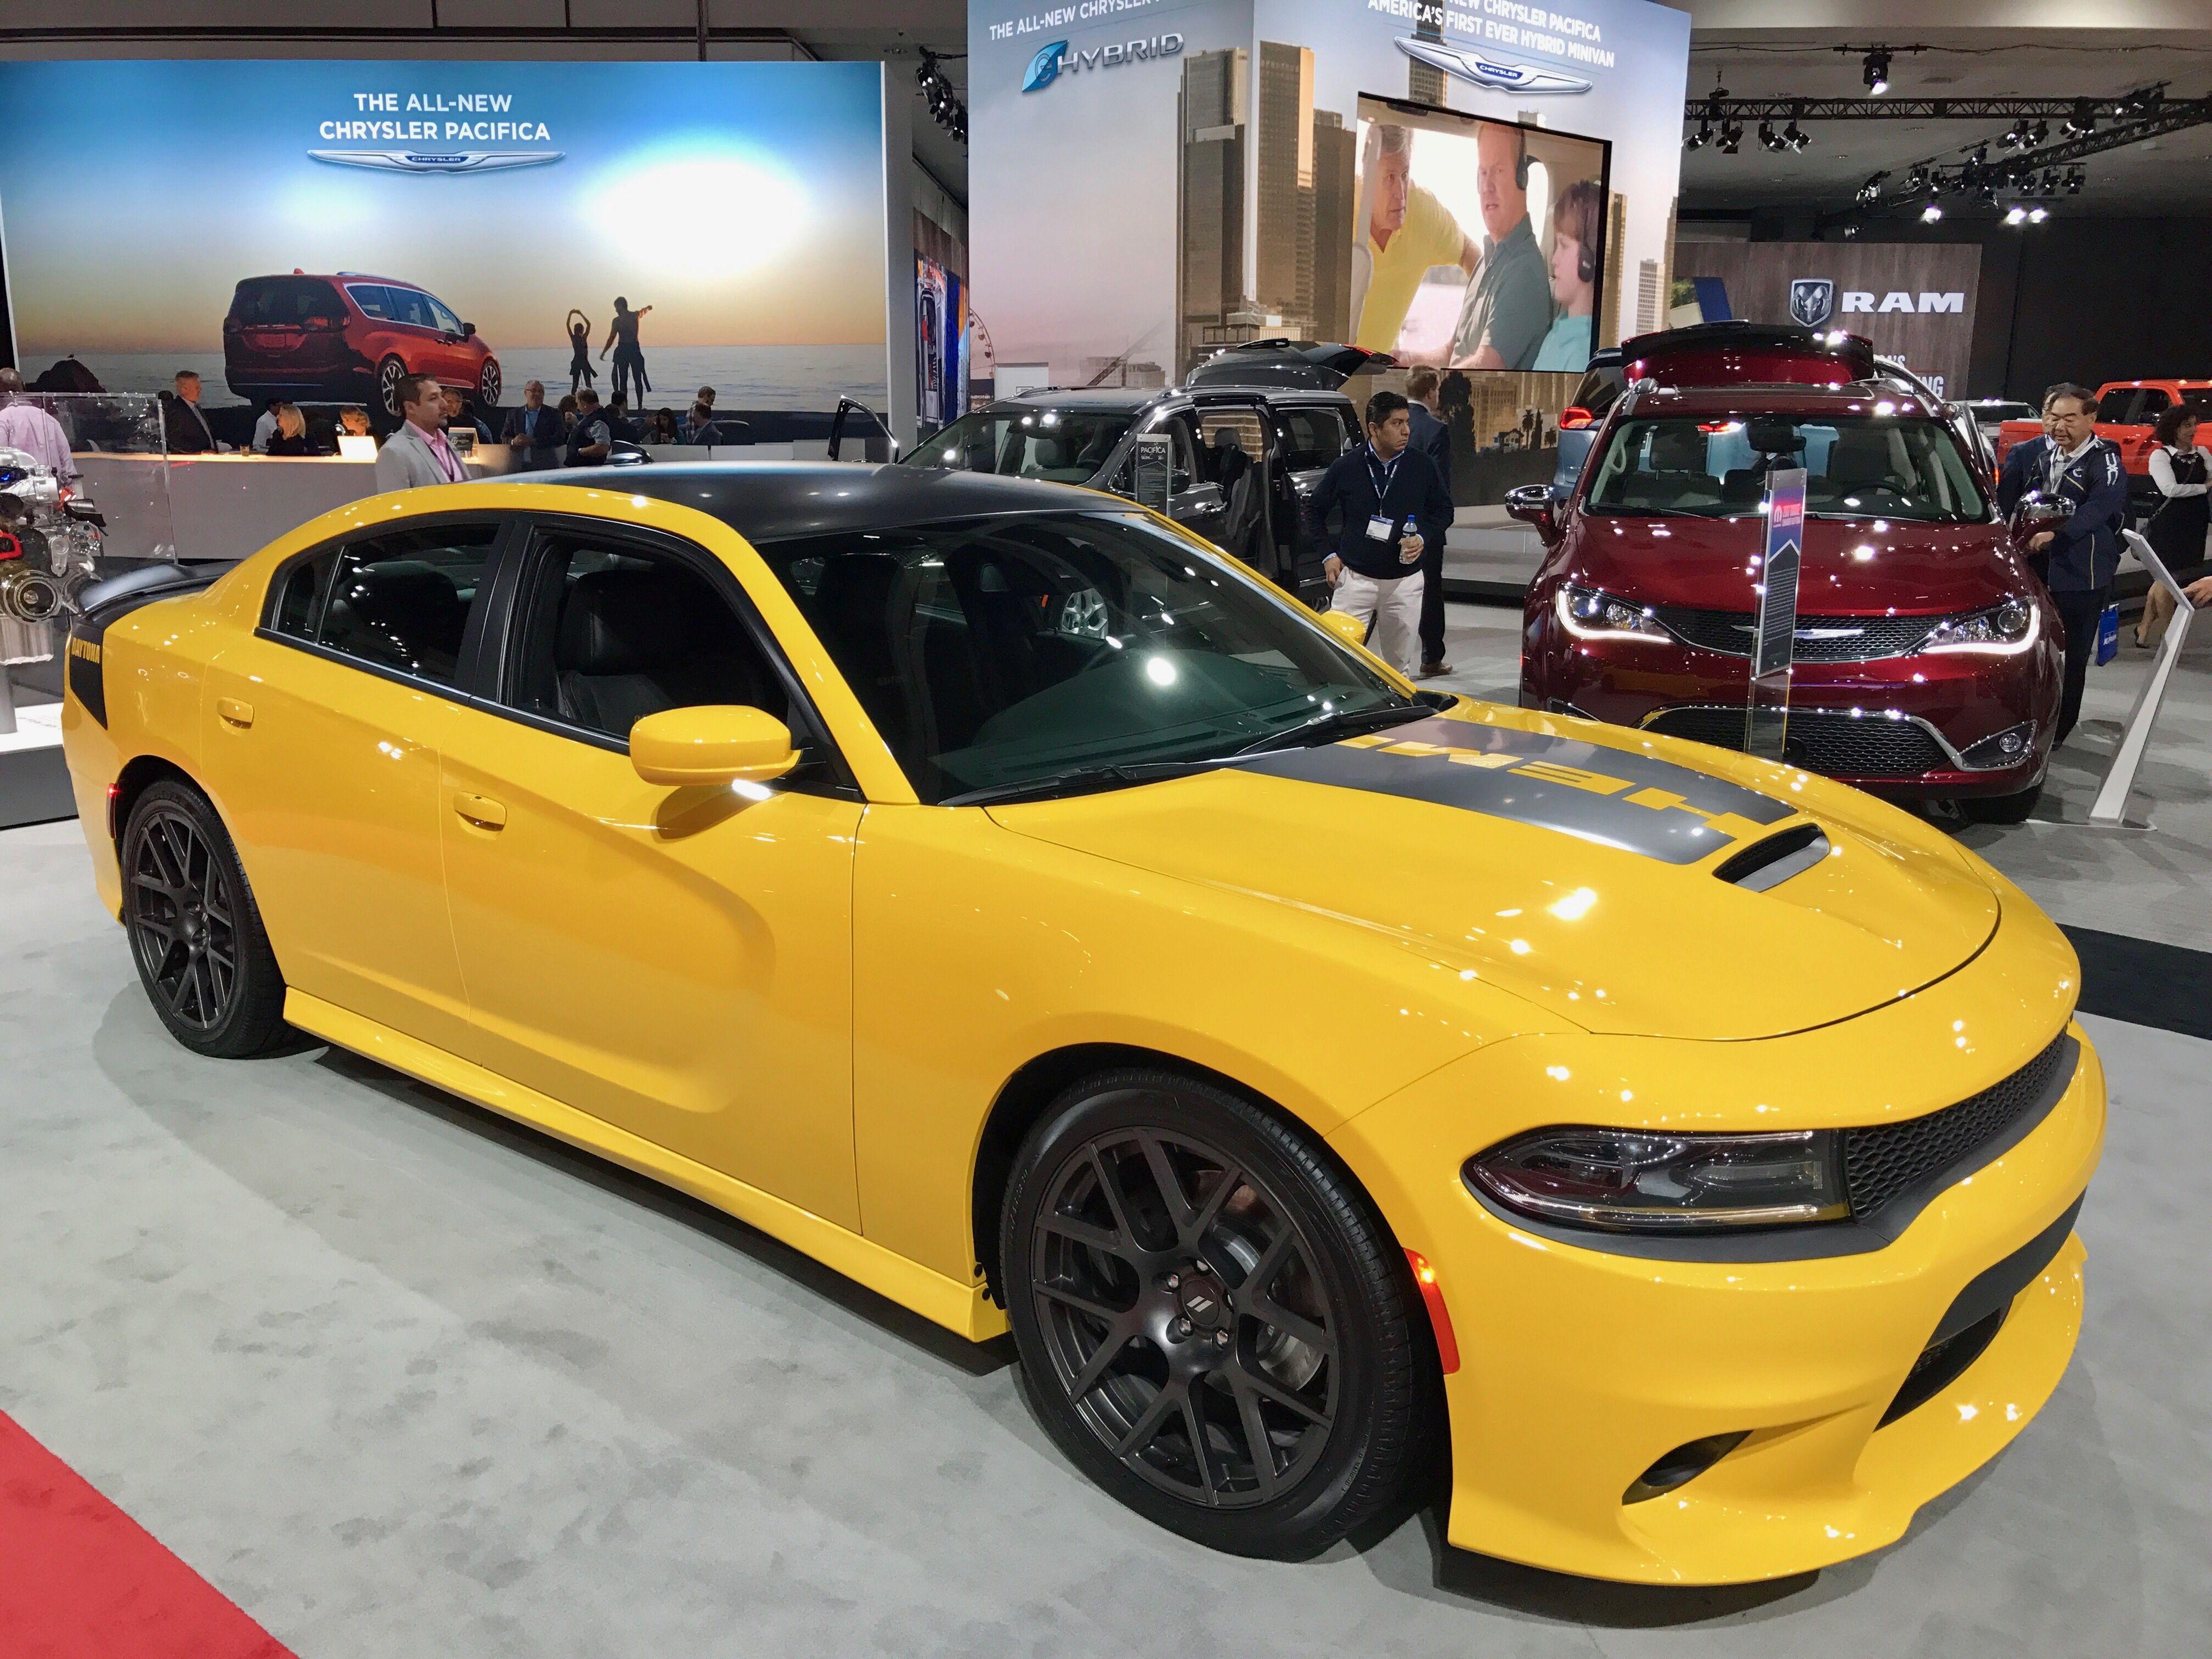 2017 Dodge Charger Daytona 39k 5 7l Hemi Laautoshow Dodge Charger Dodge Charger Hellcat Dodge Charger Daytona